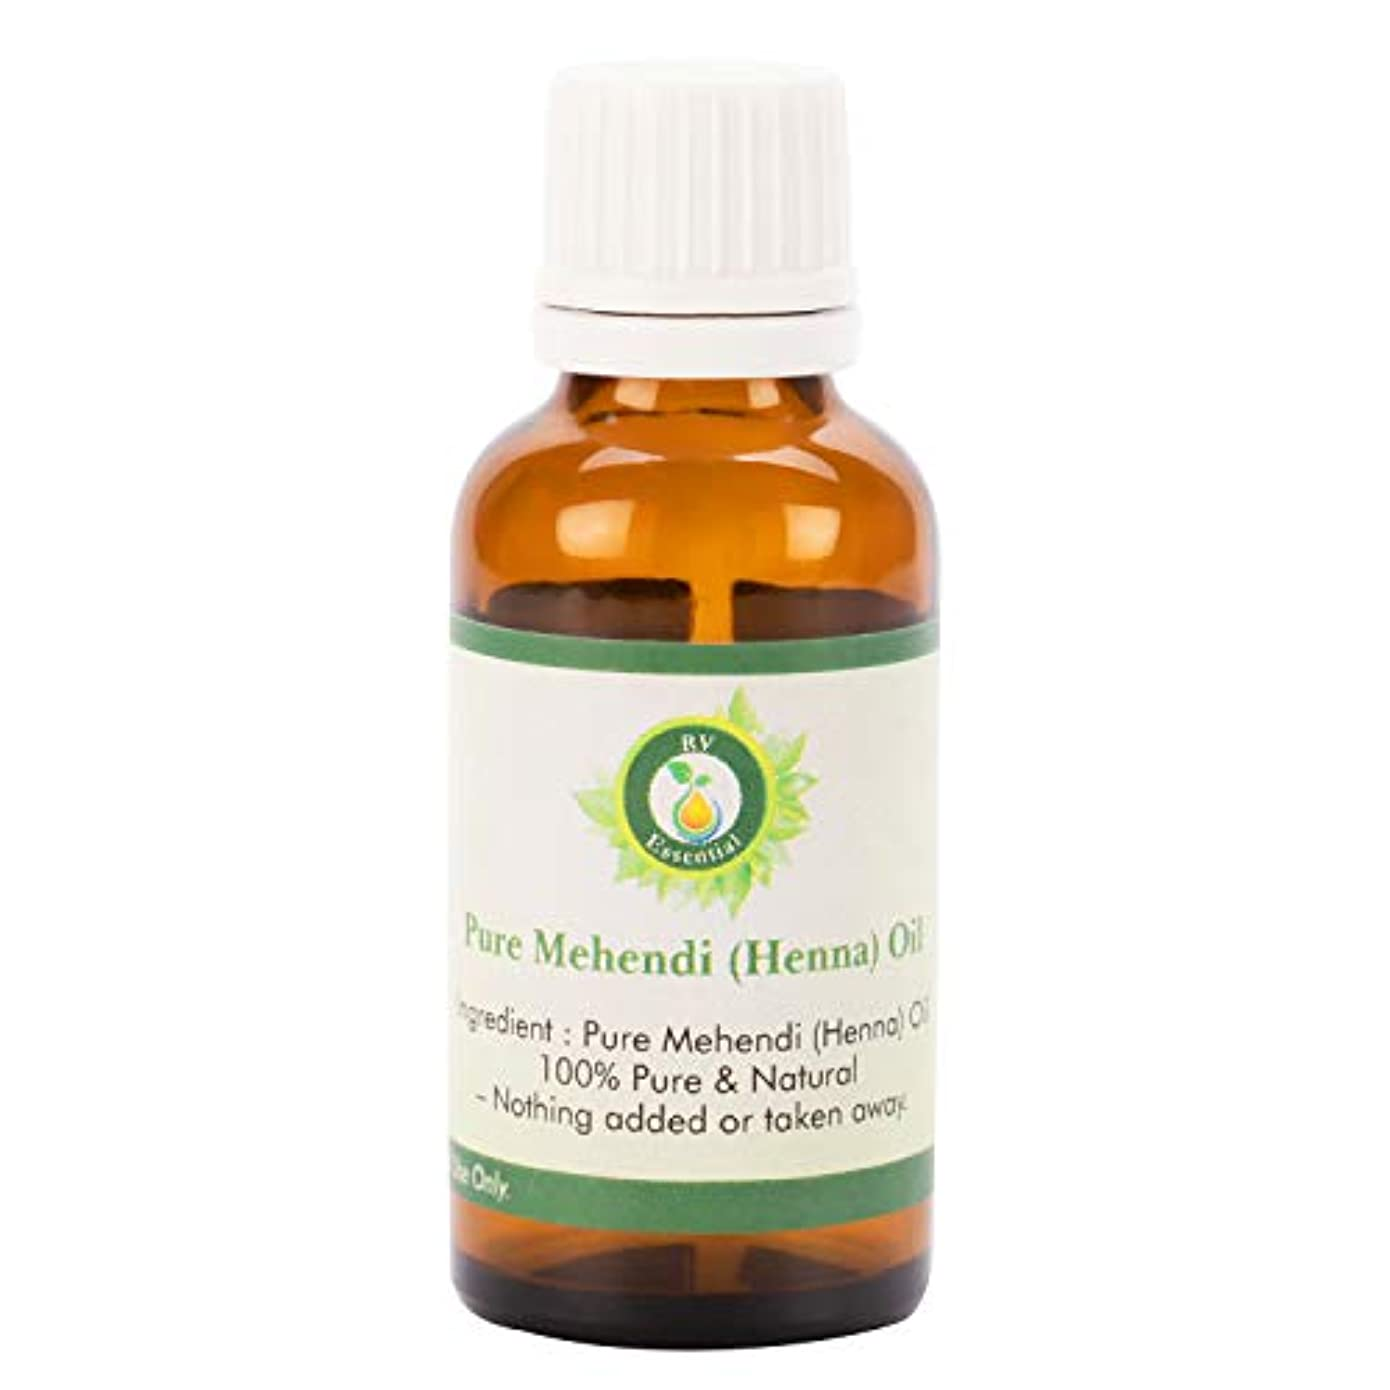 ルネッサンスしない性別ピュアMehendi(ヘナ)オイル100ml (3.38oz)- (100%純粋でナチュラル) Pure Mehendi (Henna) Oil